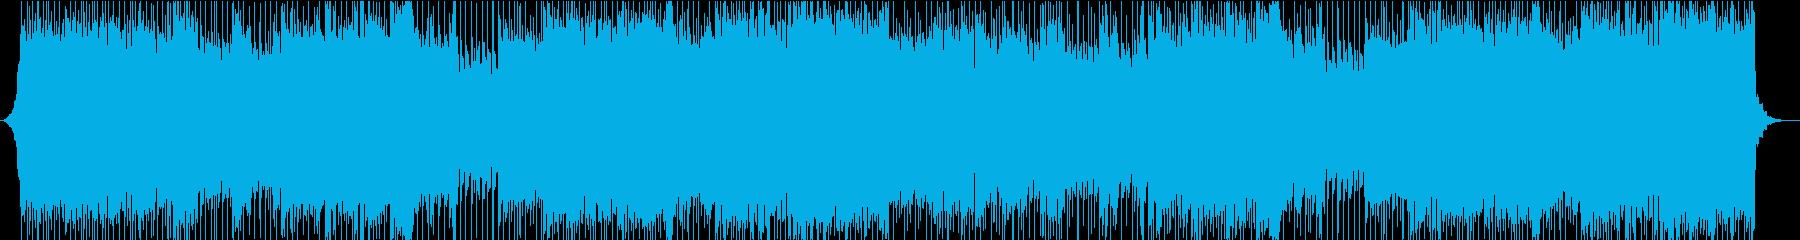 代替案 ポップ コーポレート アク...の再生済みの波形